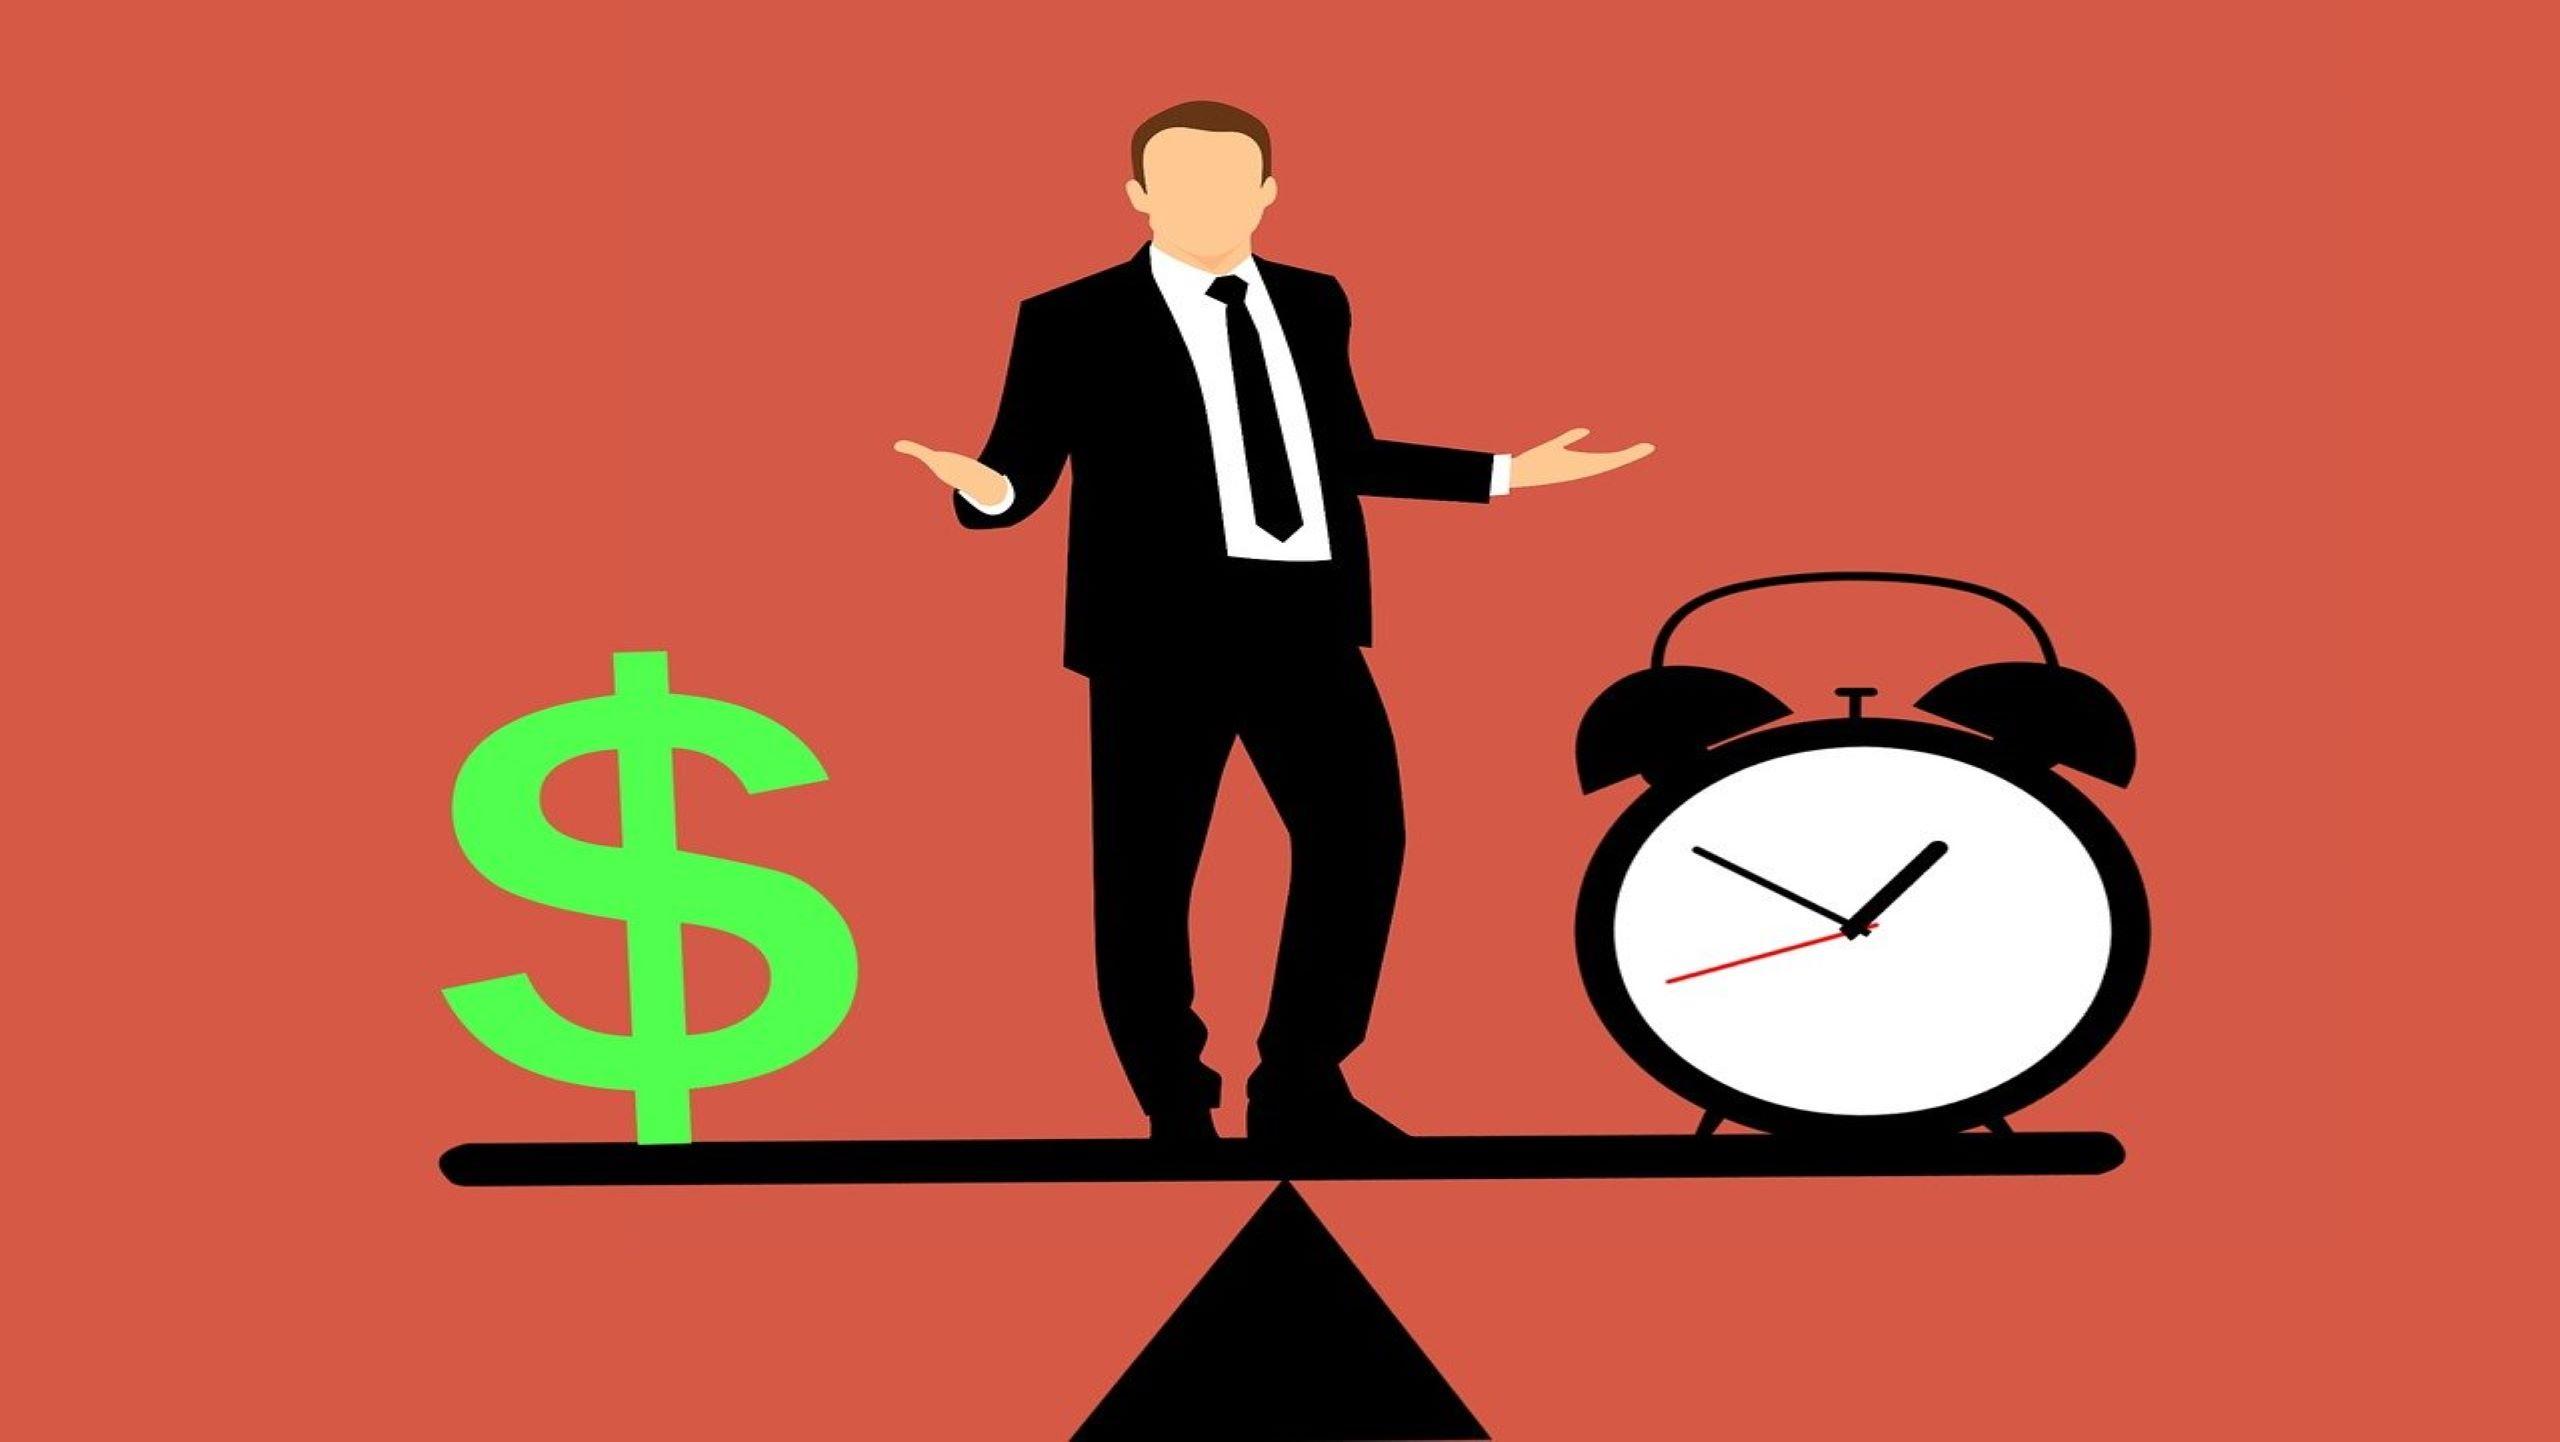 Amortisationsrechnung - Zurück ins Gleichgewicht